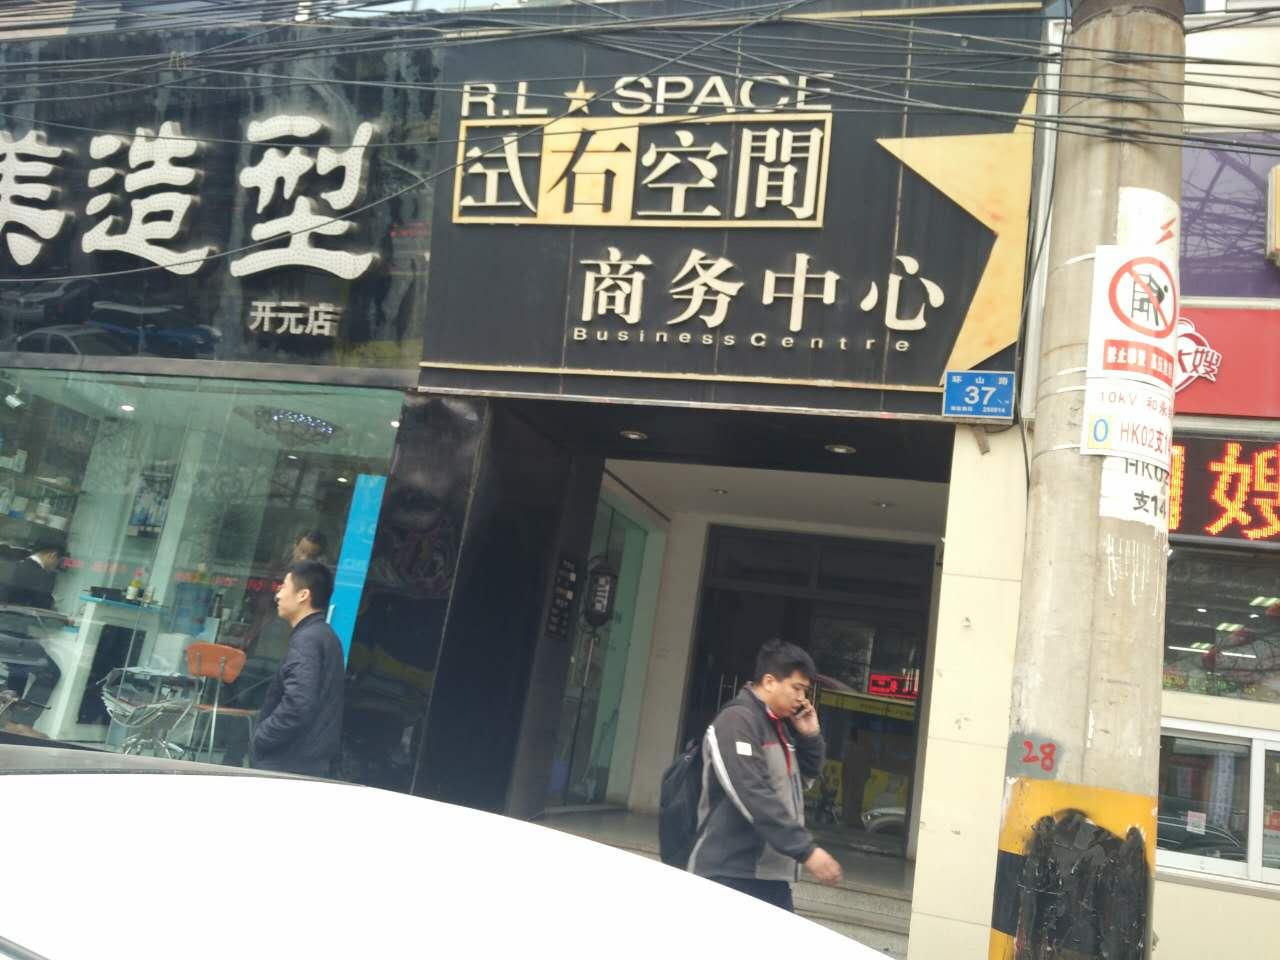 左右空间商务中心